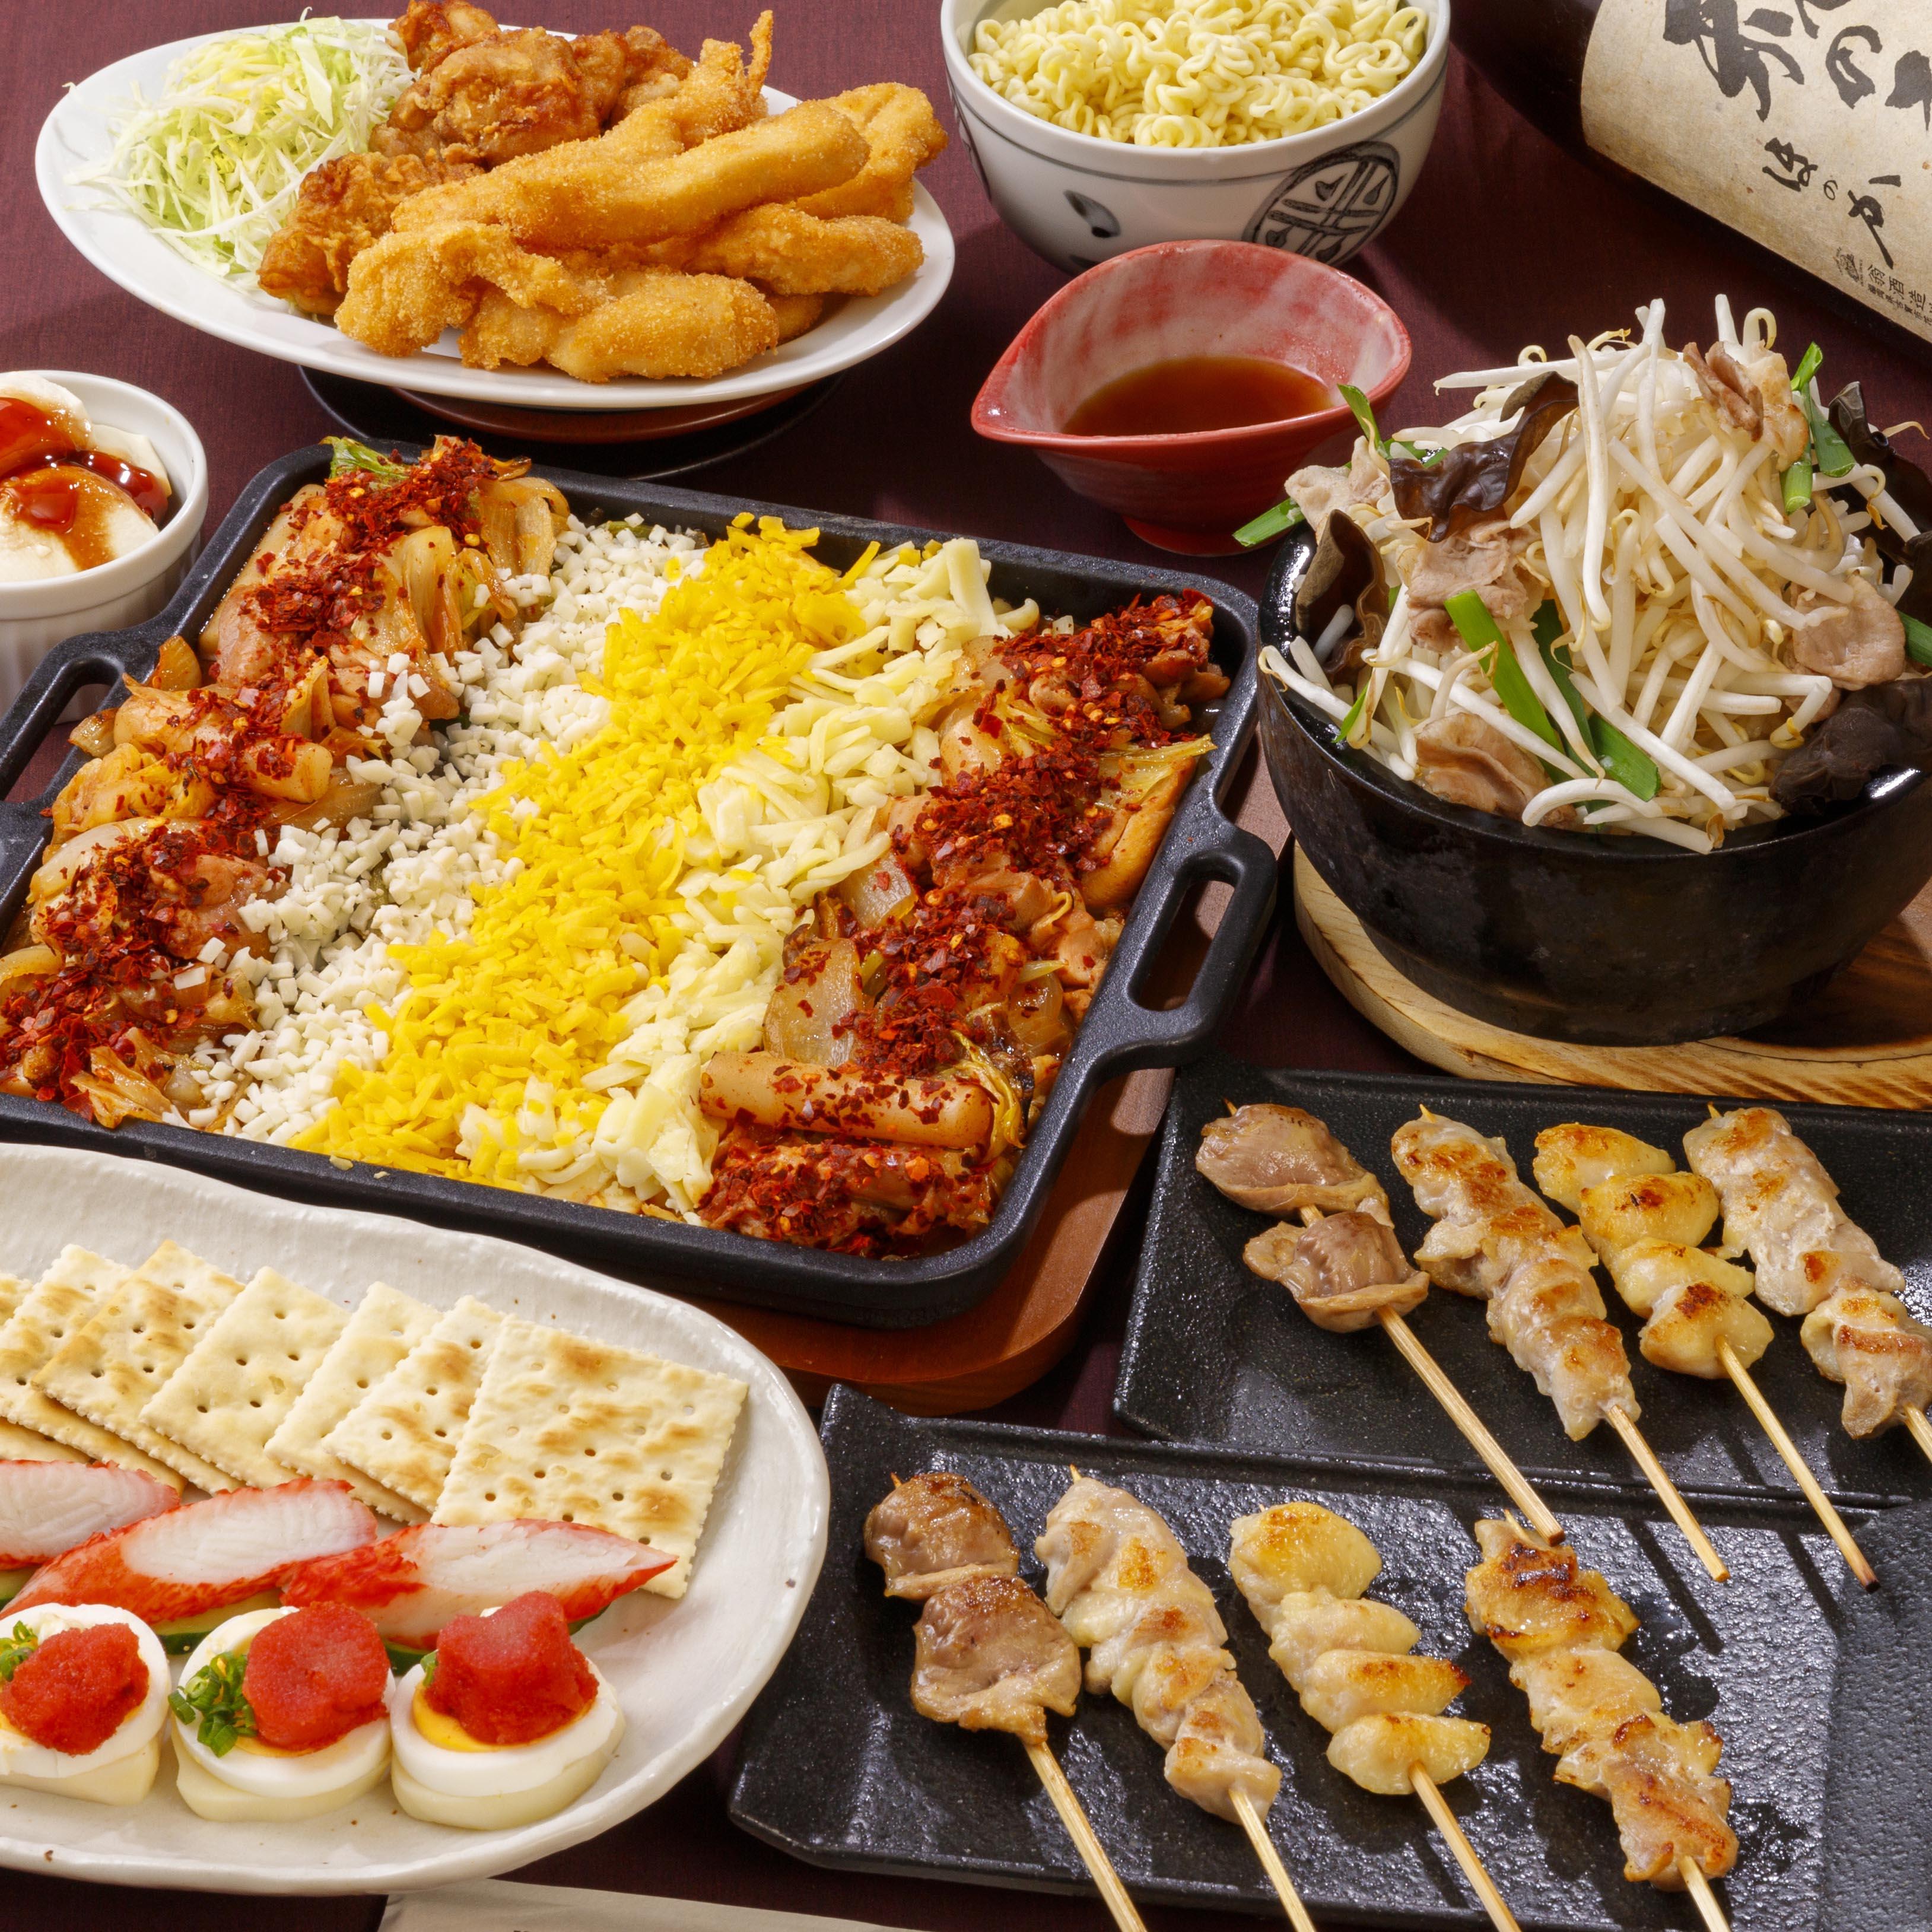 [2時間コース飲み放題] 3色チーズダッカルビと唐揚げパーティー7品